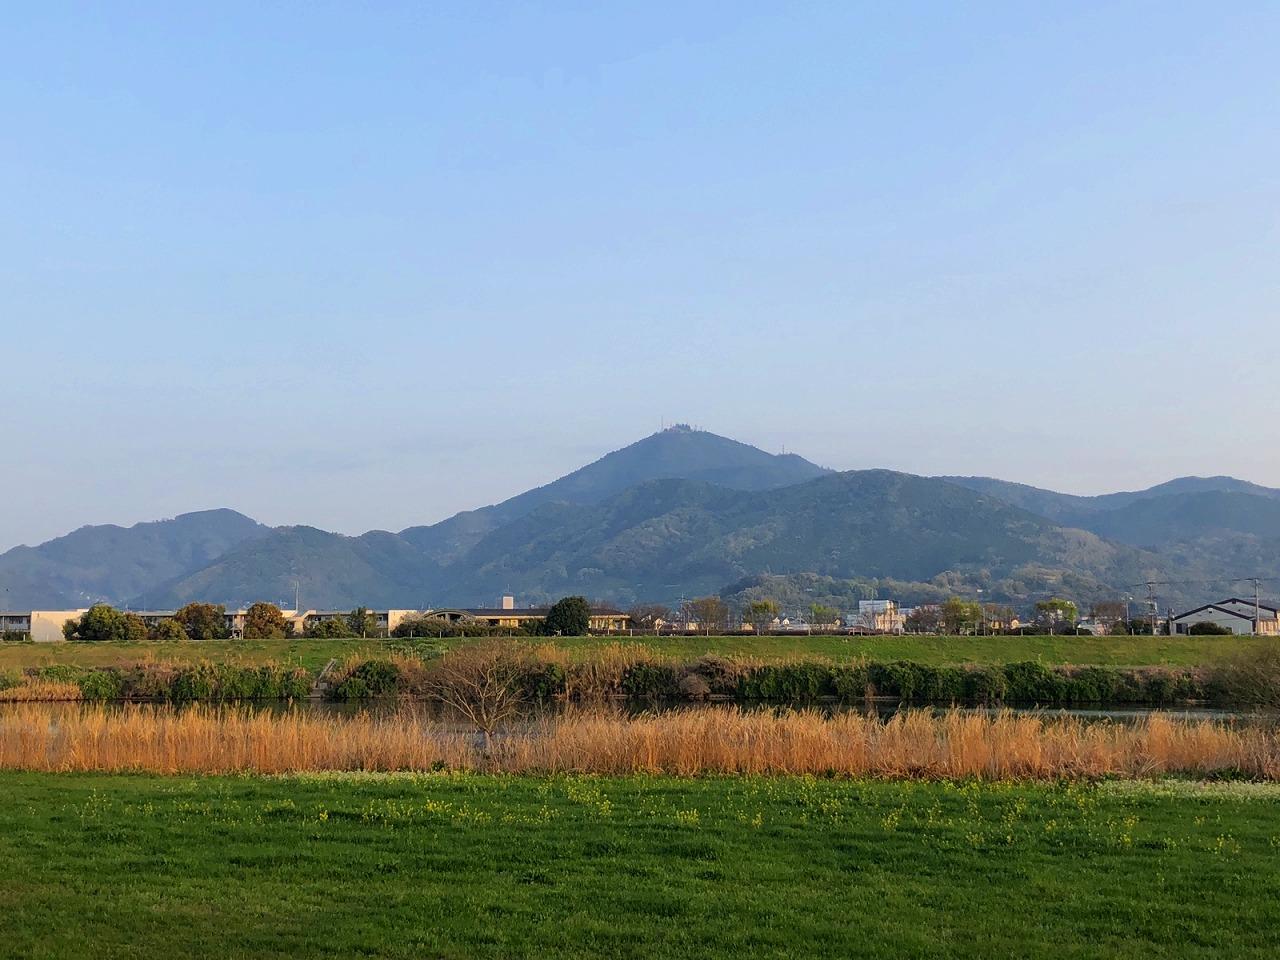 2018年4月2日 今朝の金峰山です。